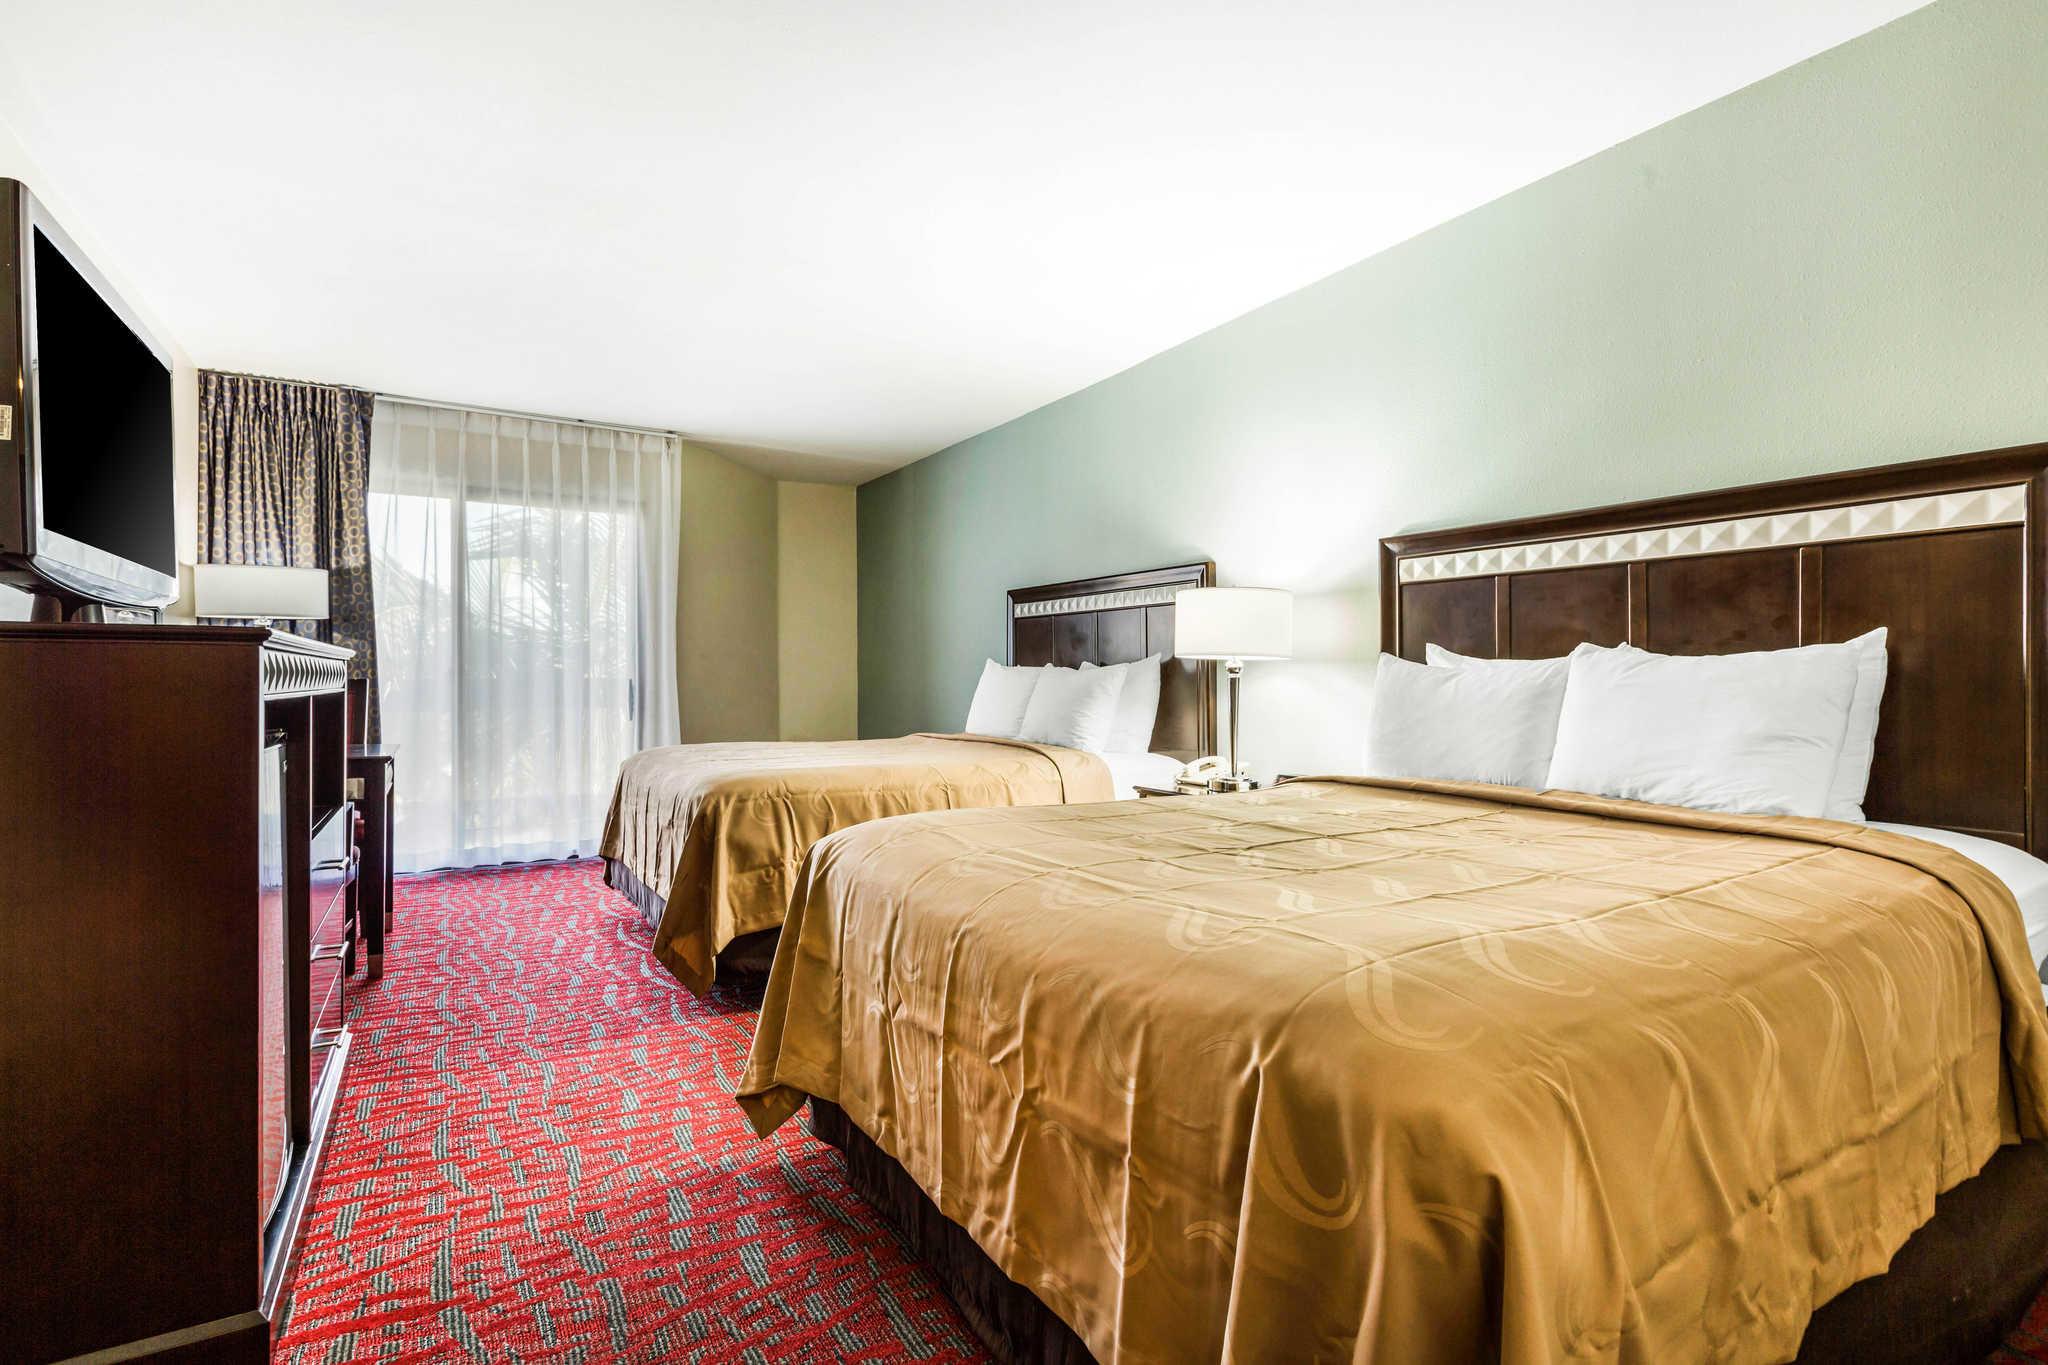 Quality Inn & Suites Irvine Spectrum image 0